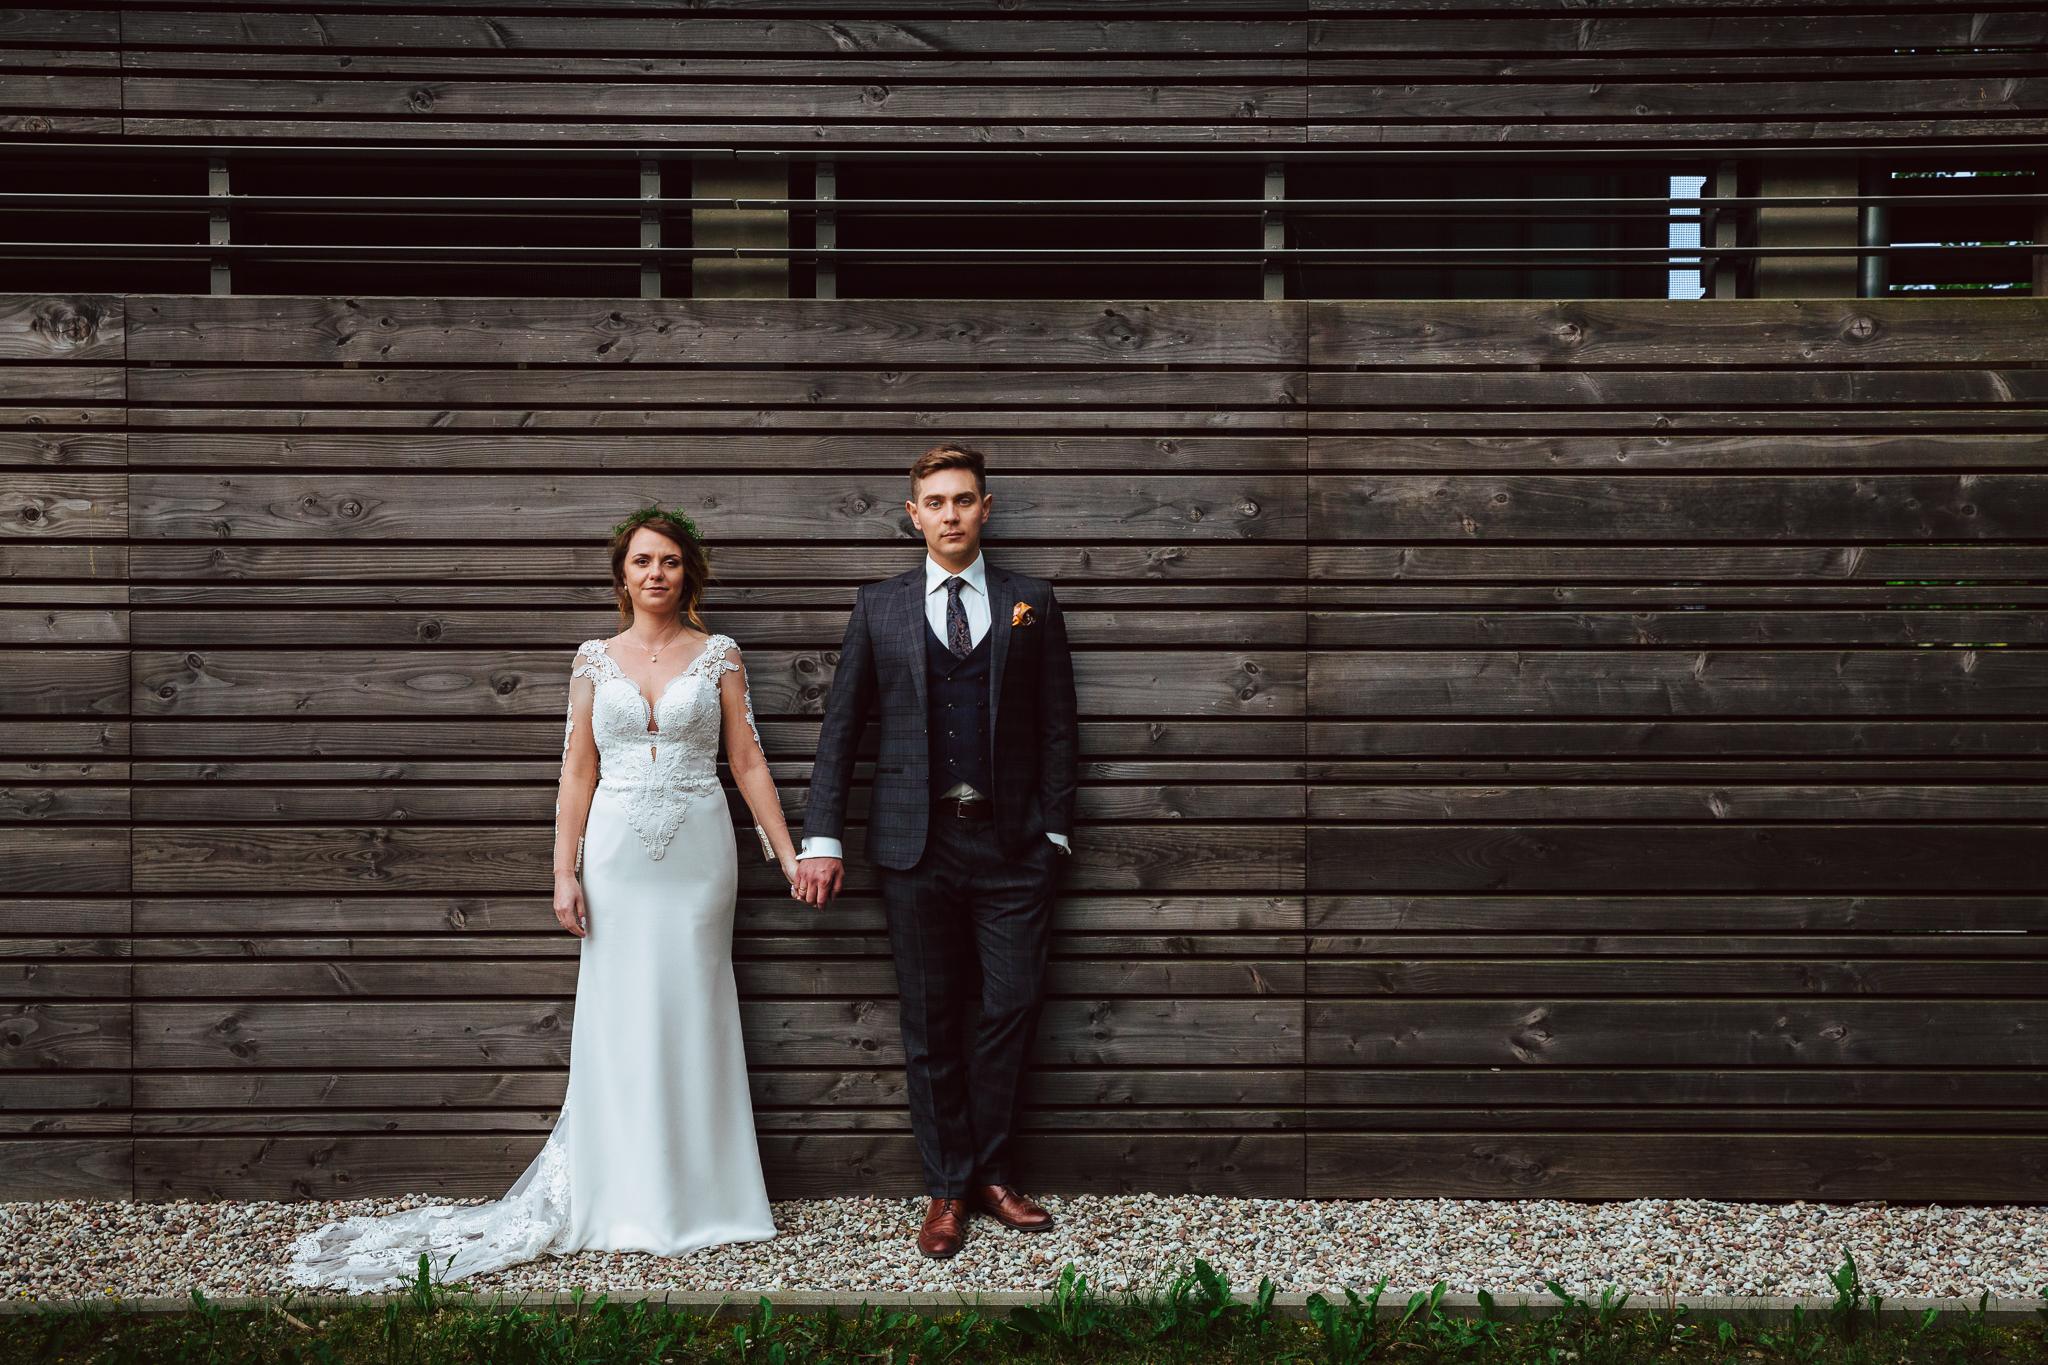 fotografia ślubna na wzór starych zdjęć ślubnych